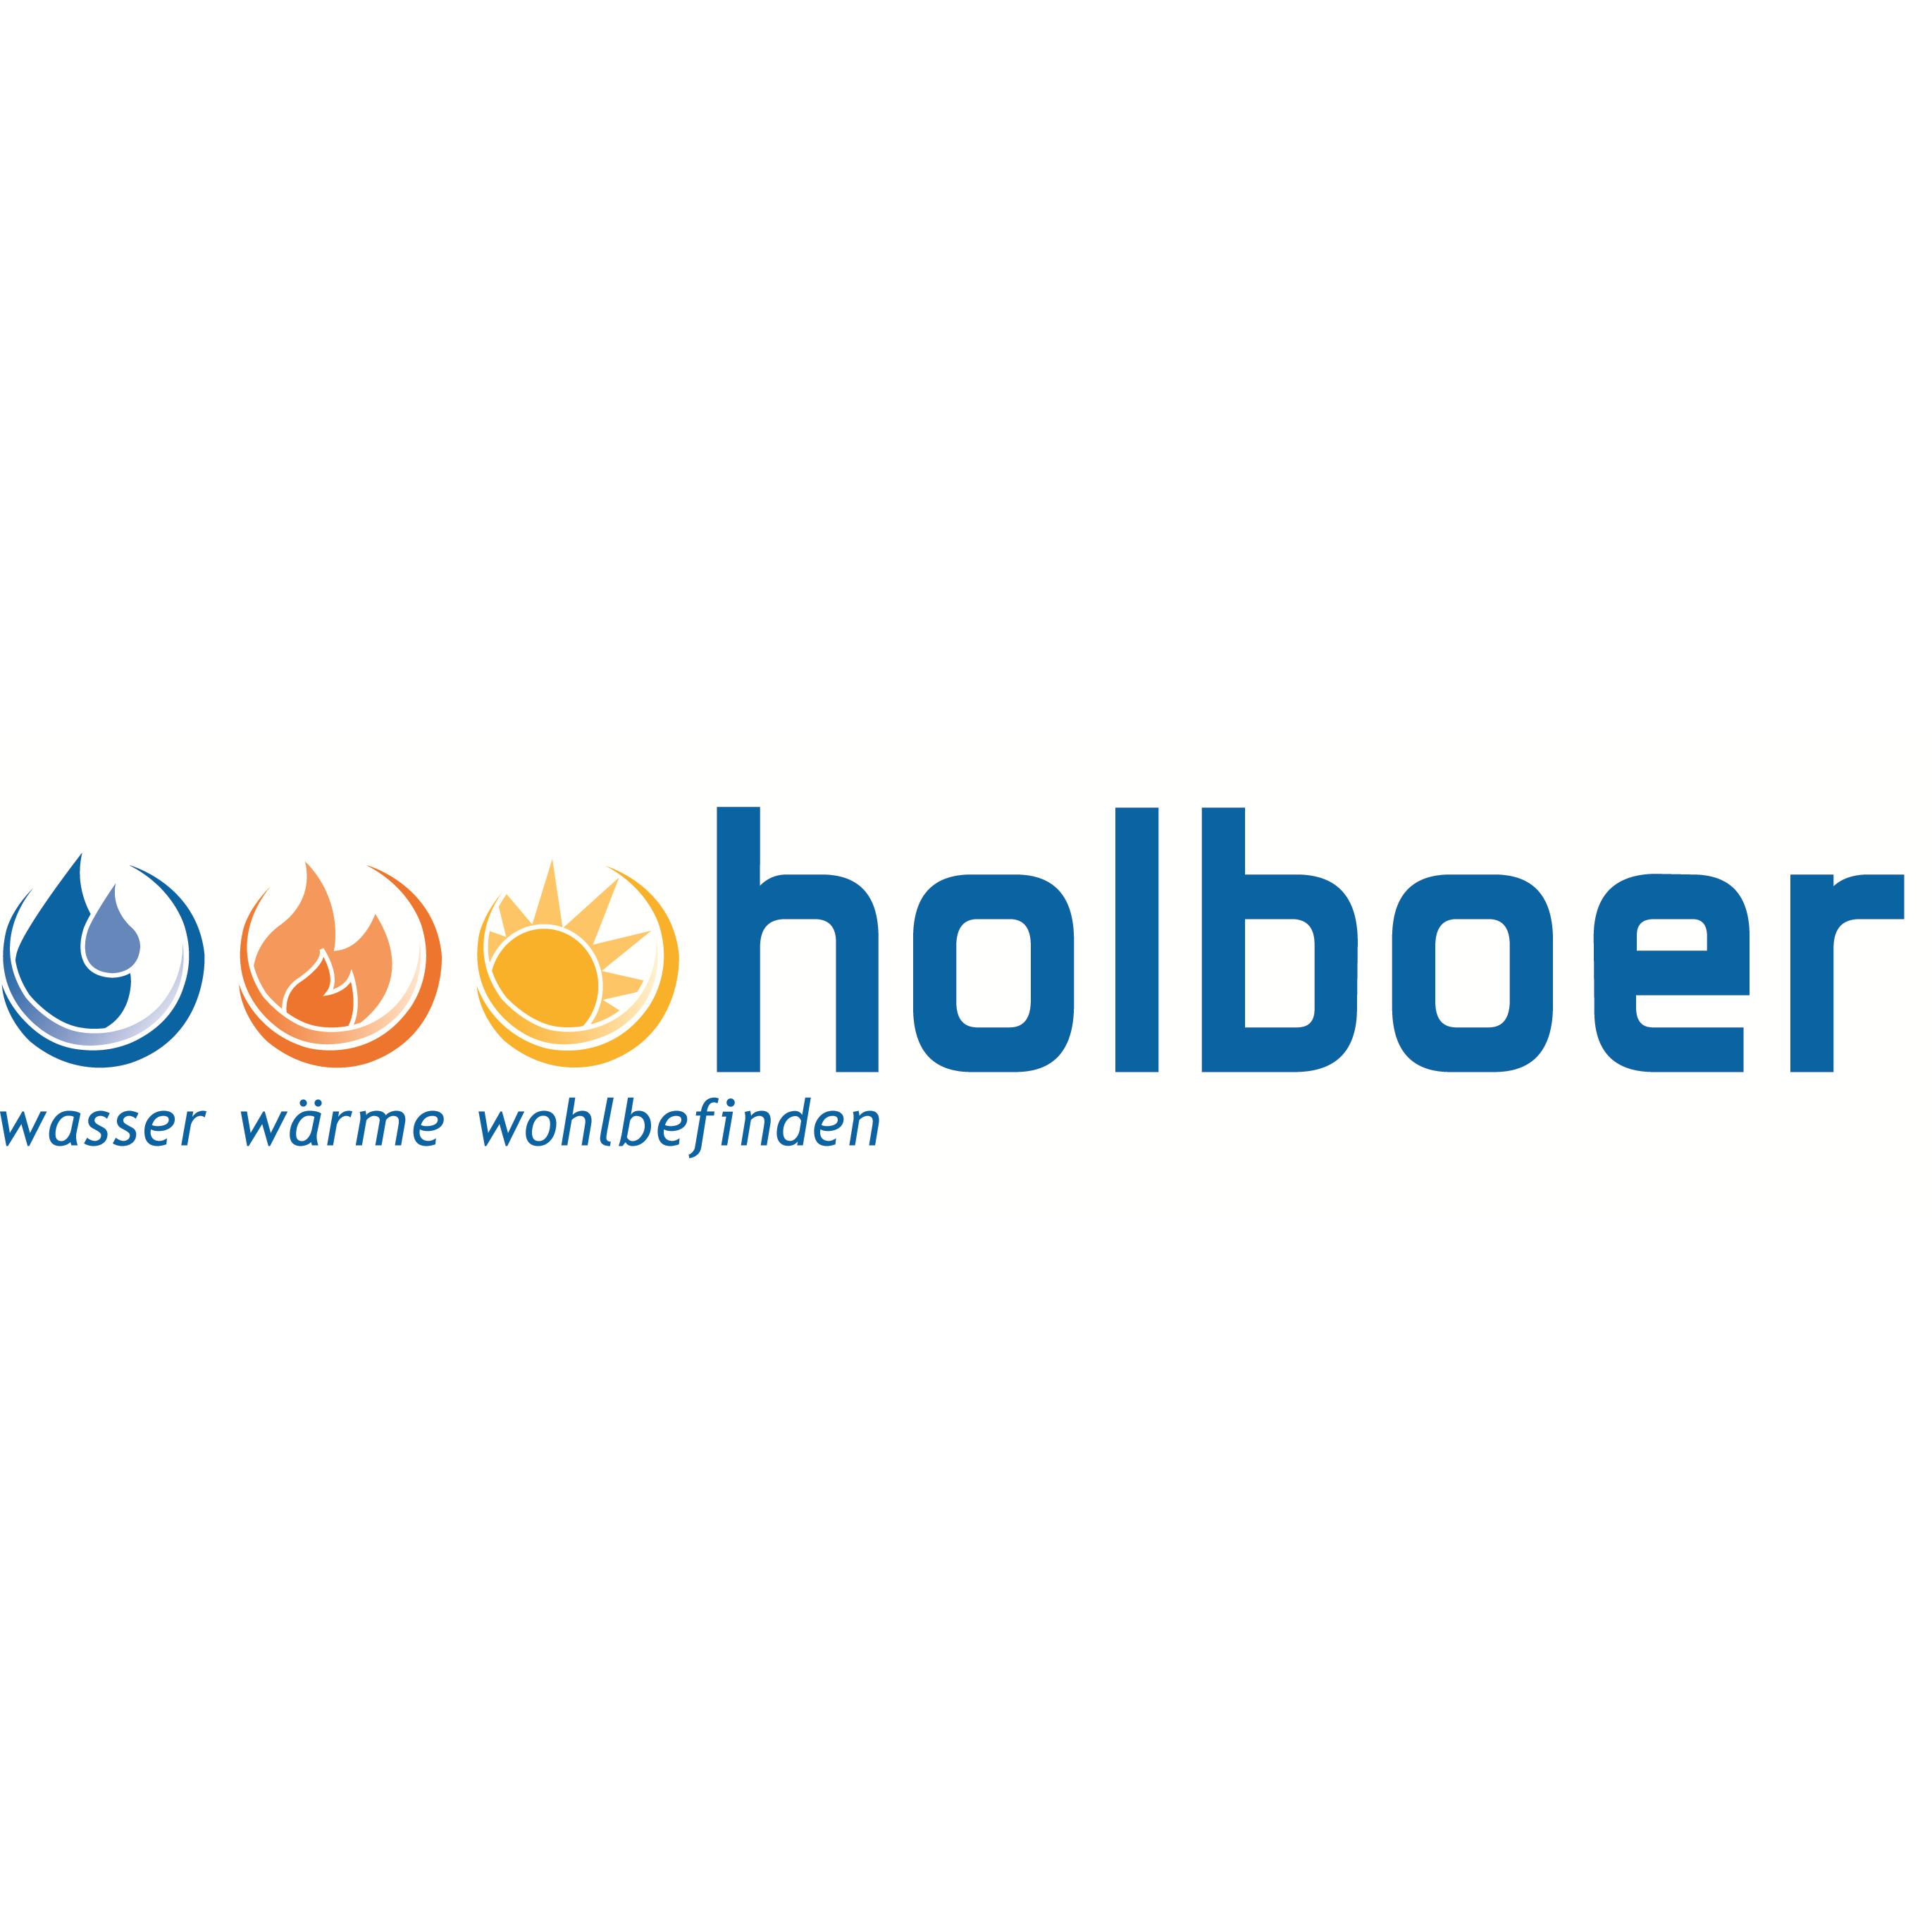 Bild zu Holboer Installations- und Heizungsbaugesellschaft mbH in Nordhorn